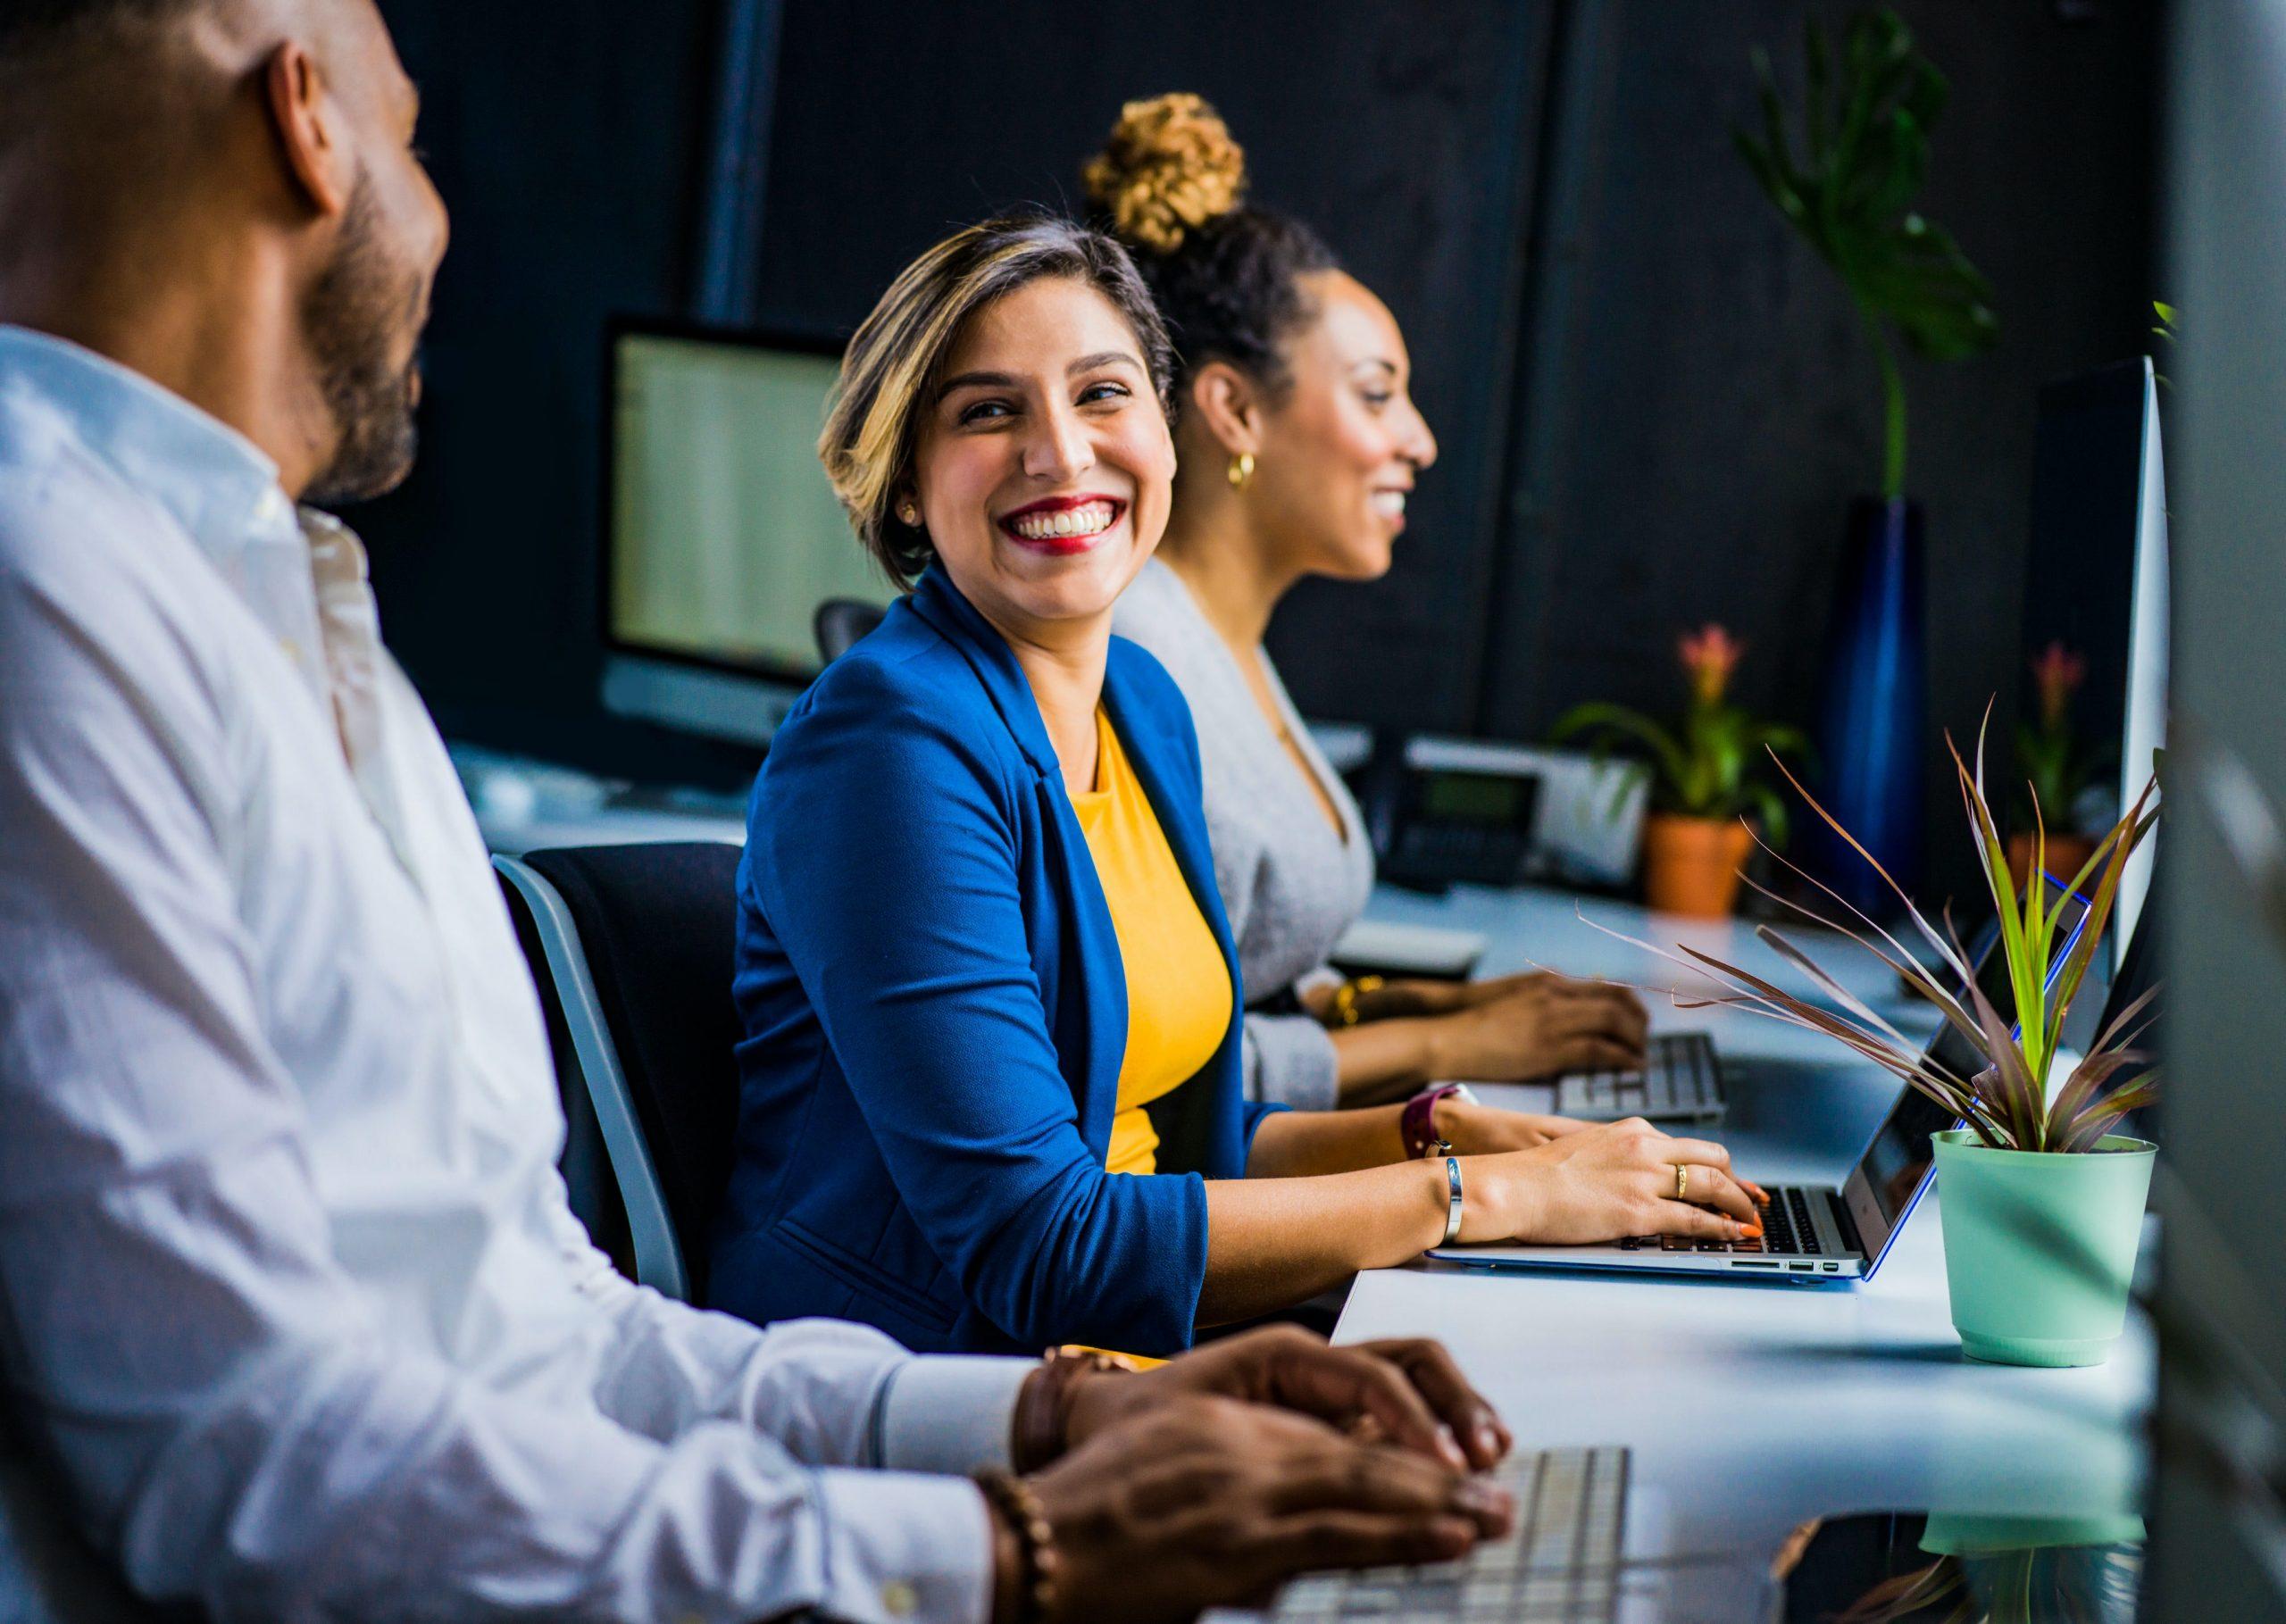 3 factores a considerar para mejorar tus estrategias de atracción y retención de empleados